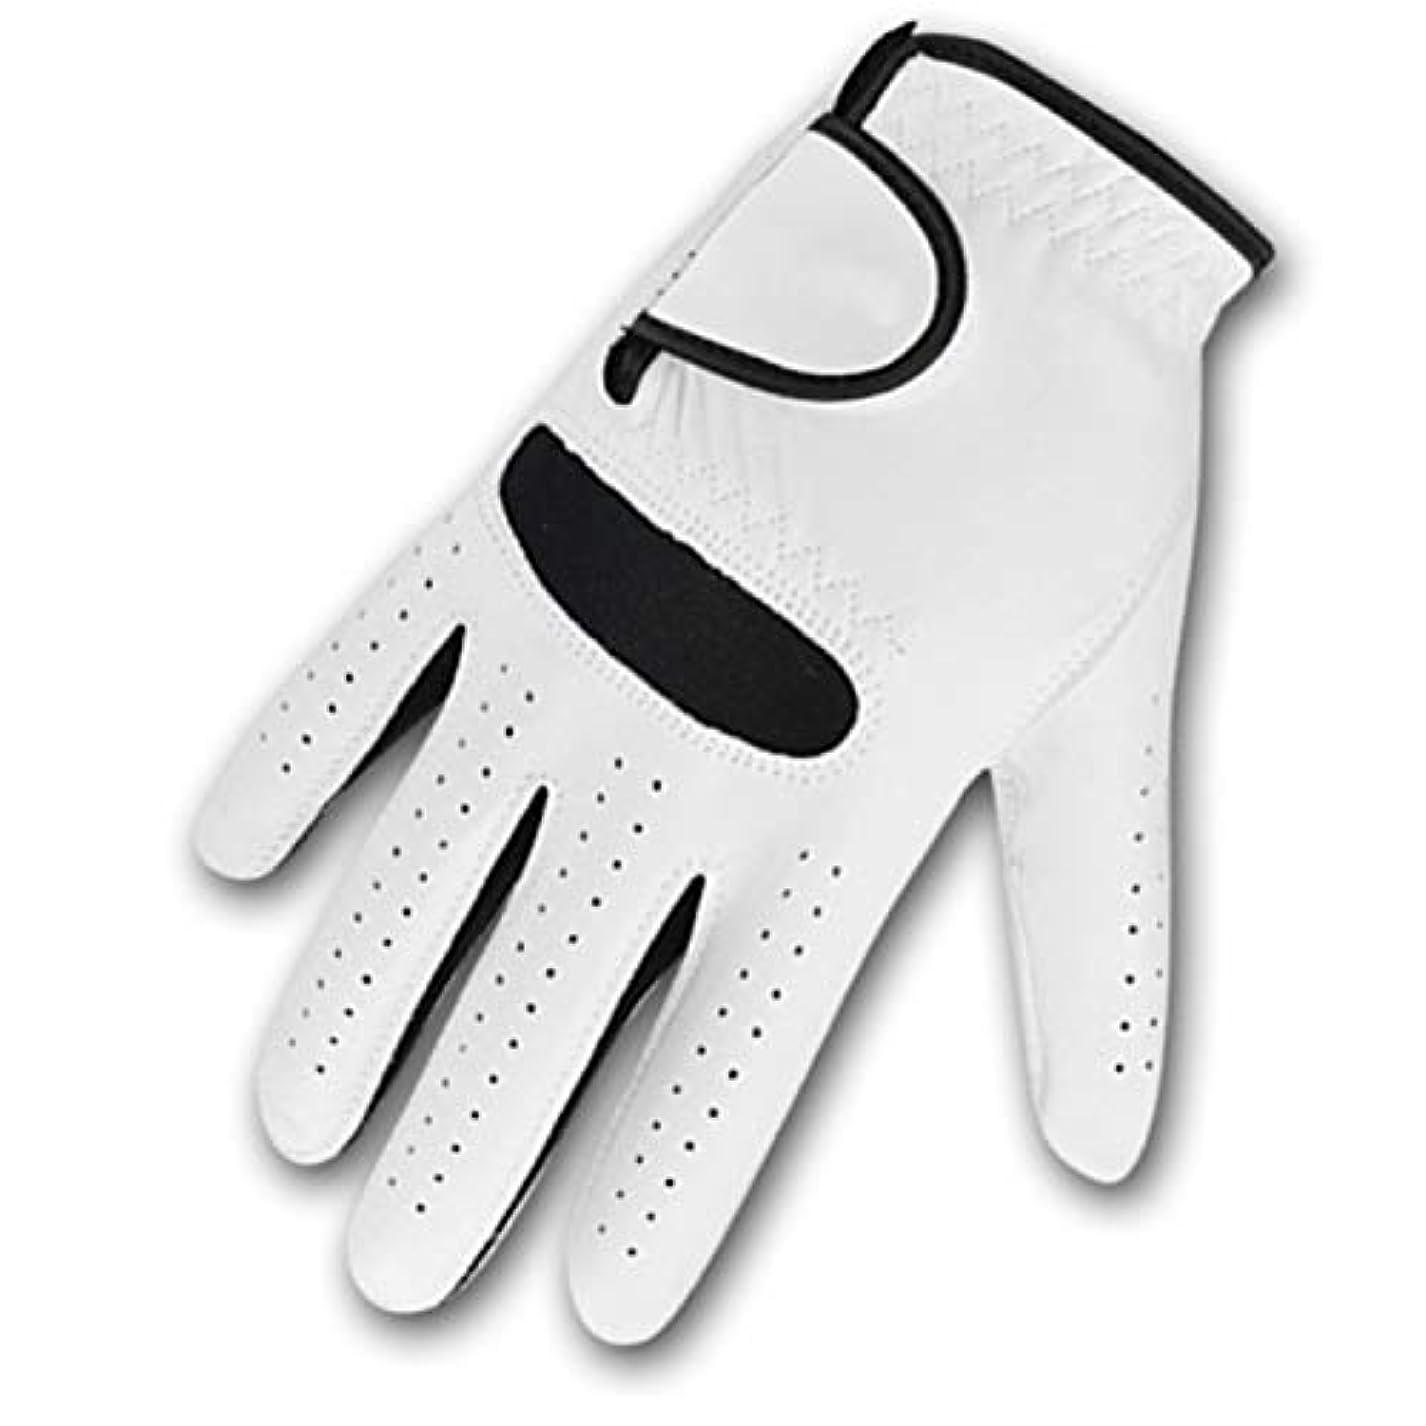 ルールを通してチャンバーBAJIMI 手袋 グローブ レディース/メンズ ハンド ケア シンプルなメンズゴルフグローブ滑り止めグローブは手を保護します 裏起毛 おしゃれ 手触りが良い 運転 耐磨耗性 換気性